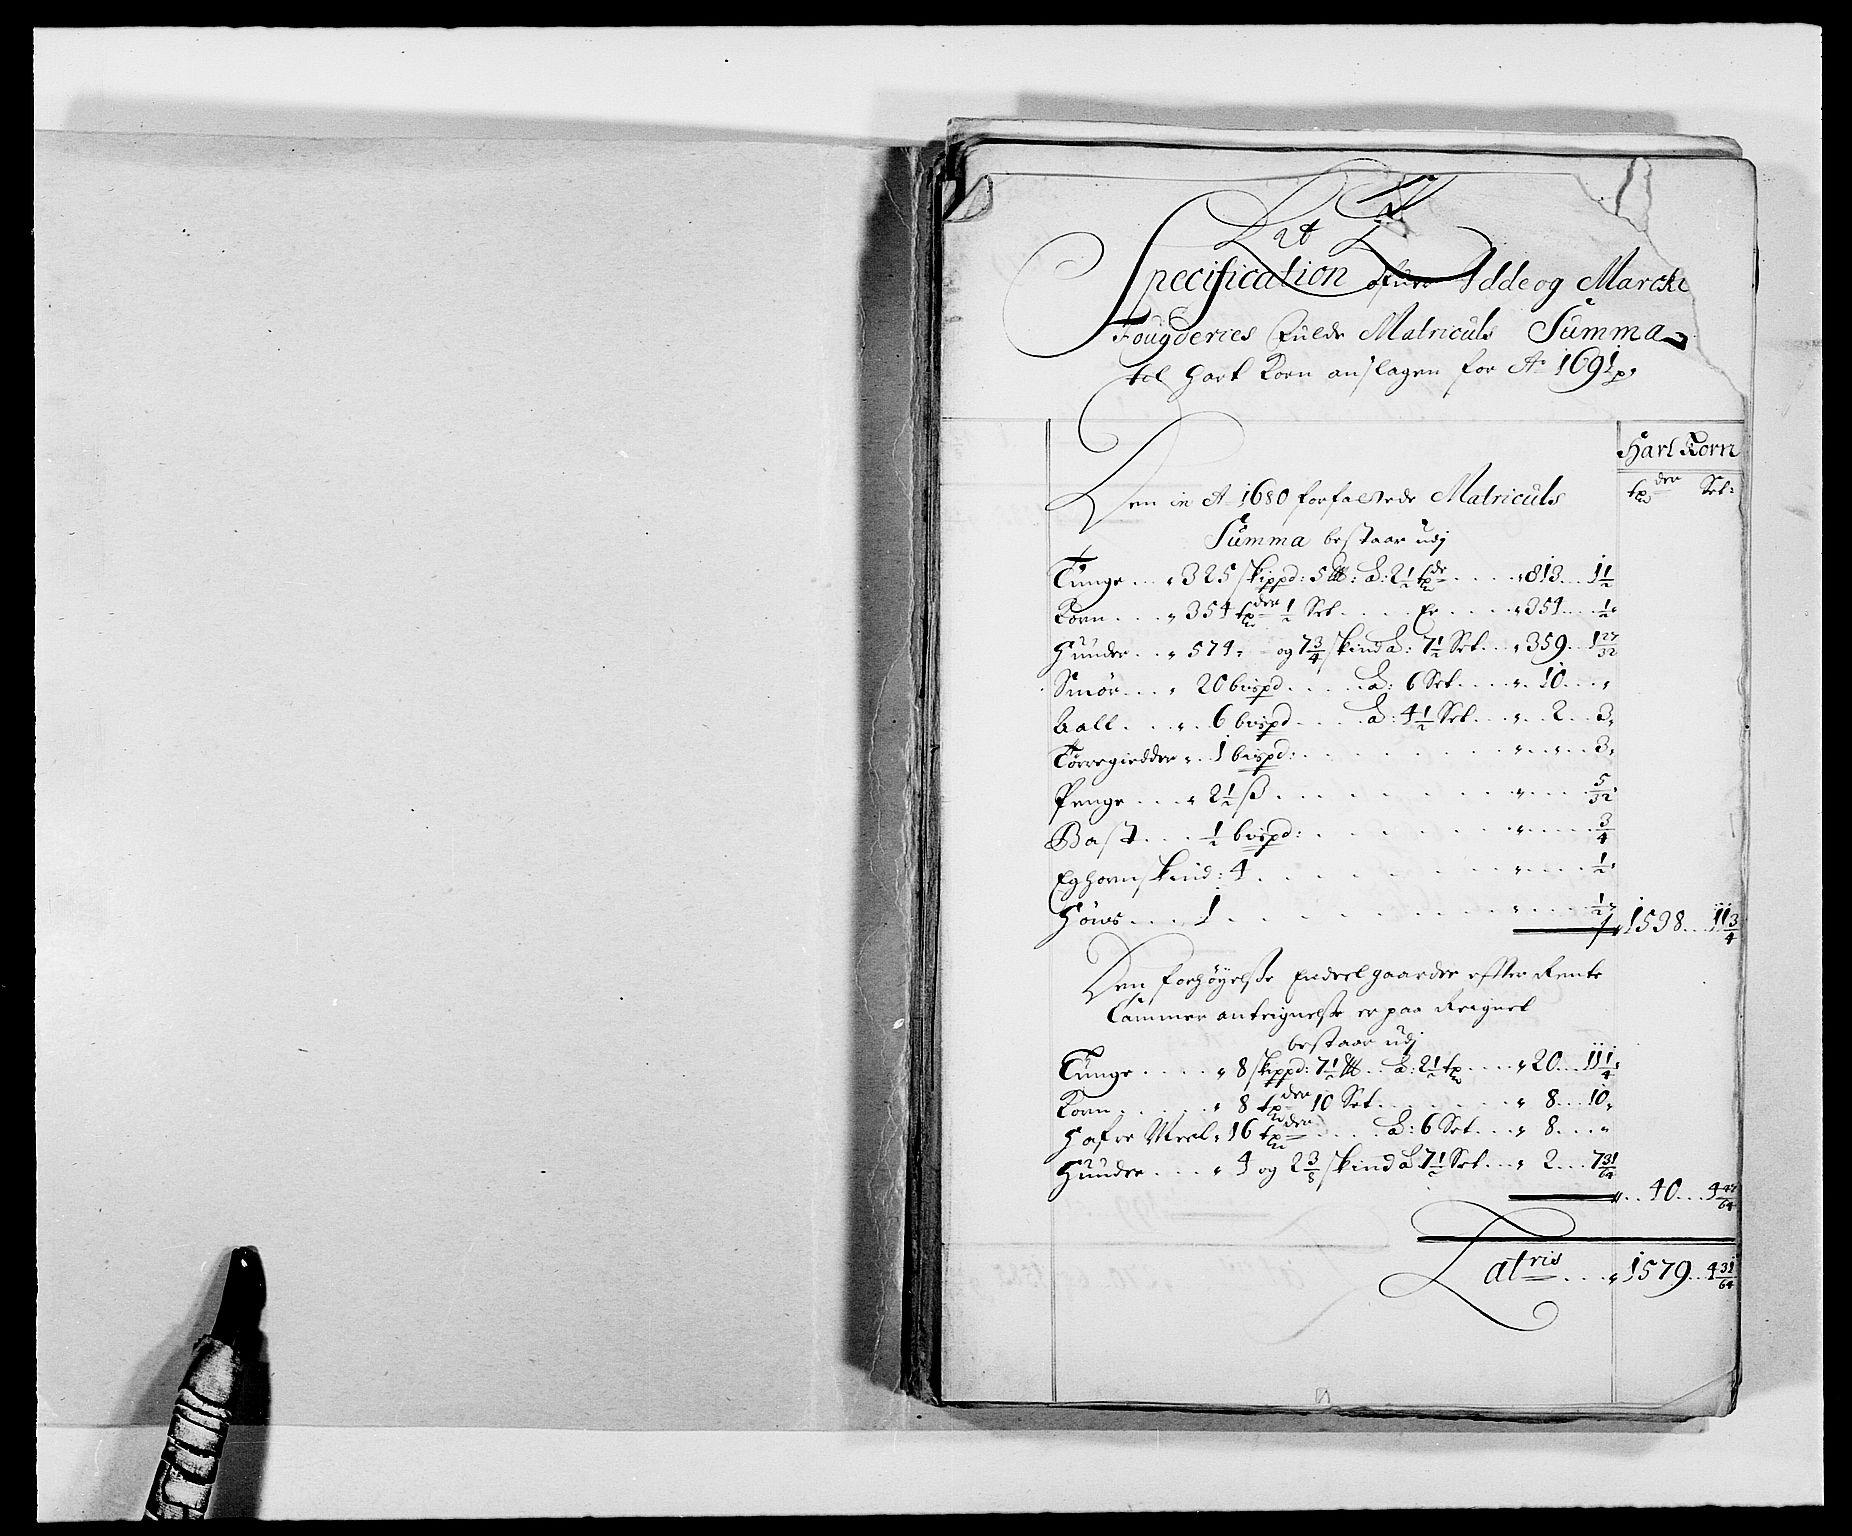 RA, Rentekammeret inntil 1814, Reviderte regnskaper, Fogderegnskap, R01/L0010: Fogderegnskap Idd og Marker, 1690-1691, s. 295